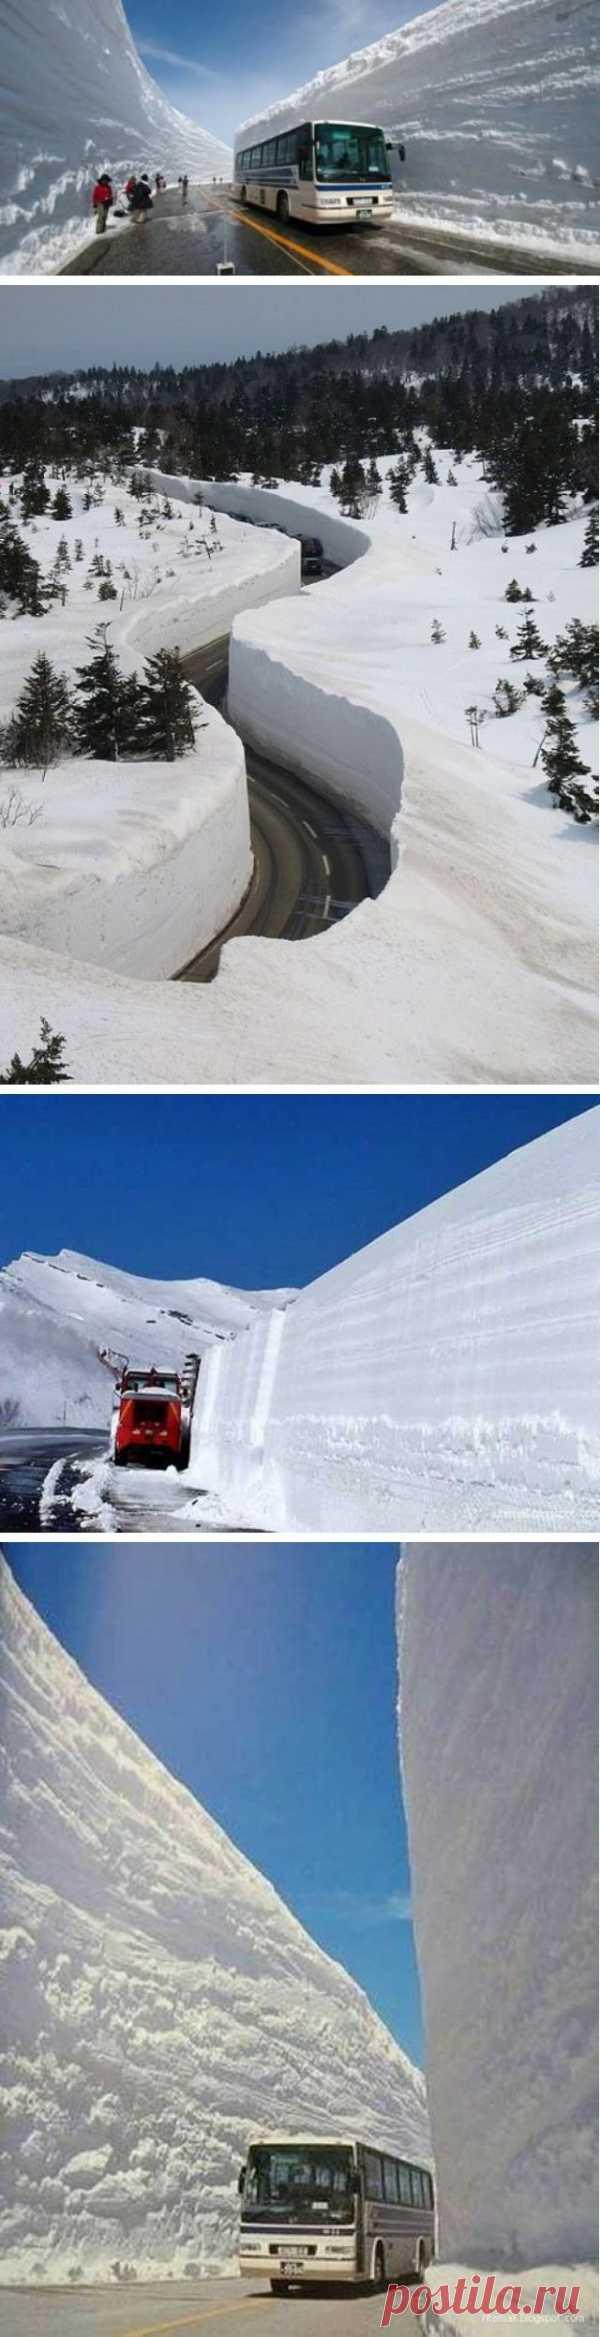 ¿Veíais tanta nieve? Las paredes de nieves en los caminos de Japón.